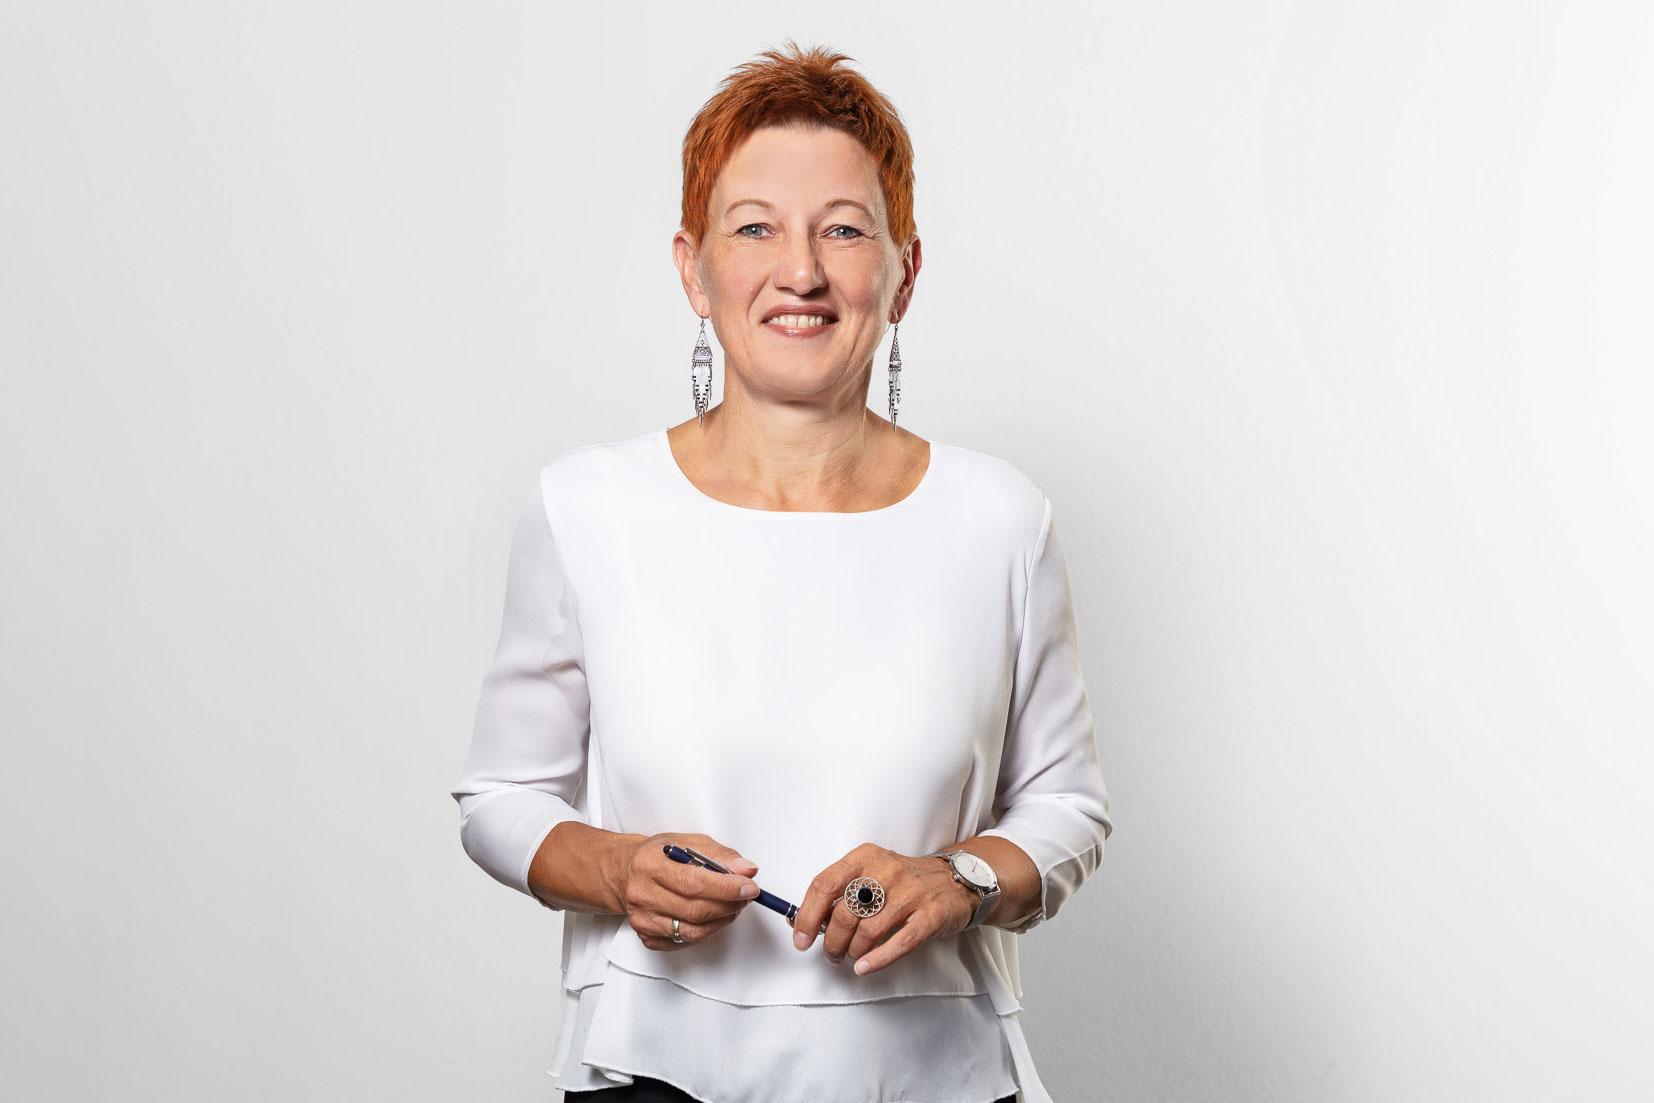 Doris Reisinger